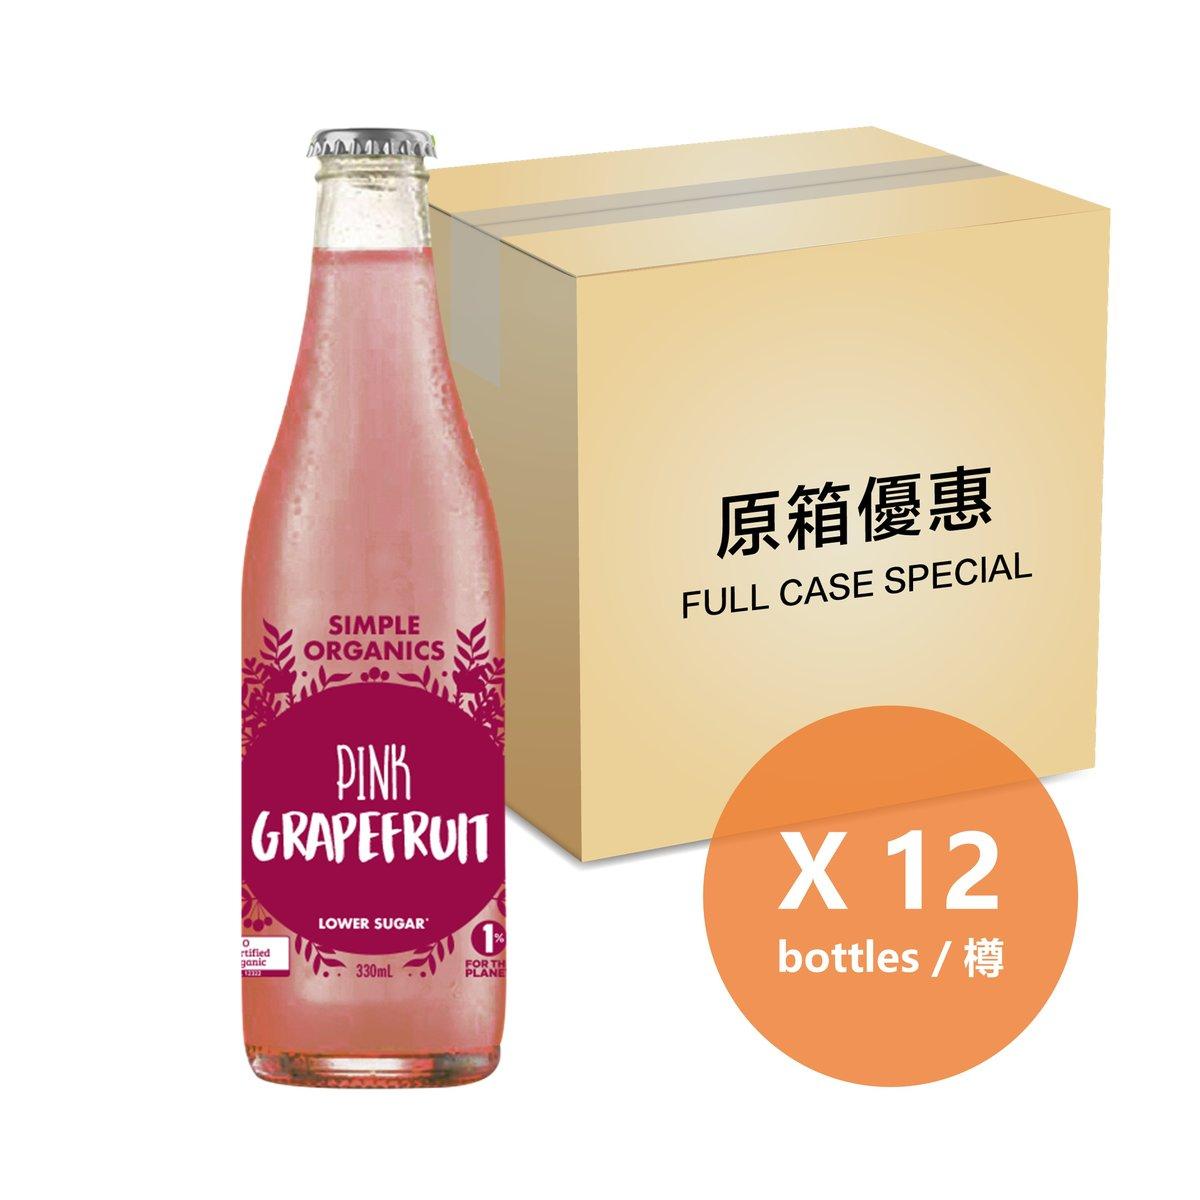 [Full Case] Organic Pink Grapefruit Soda - 325ml Bottle